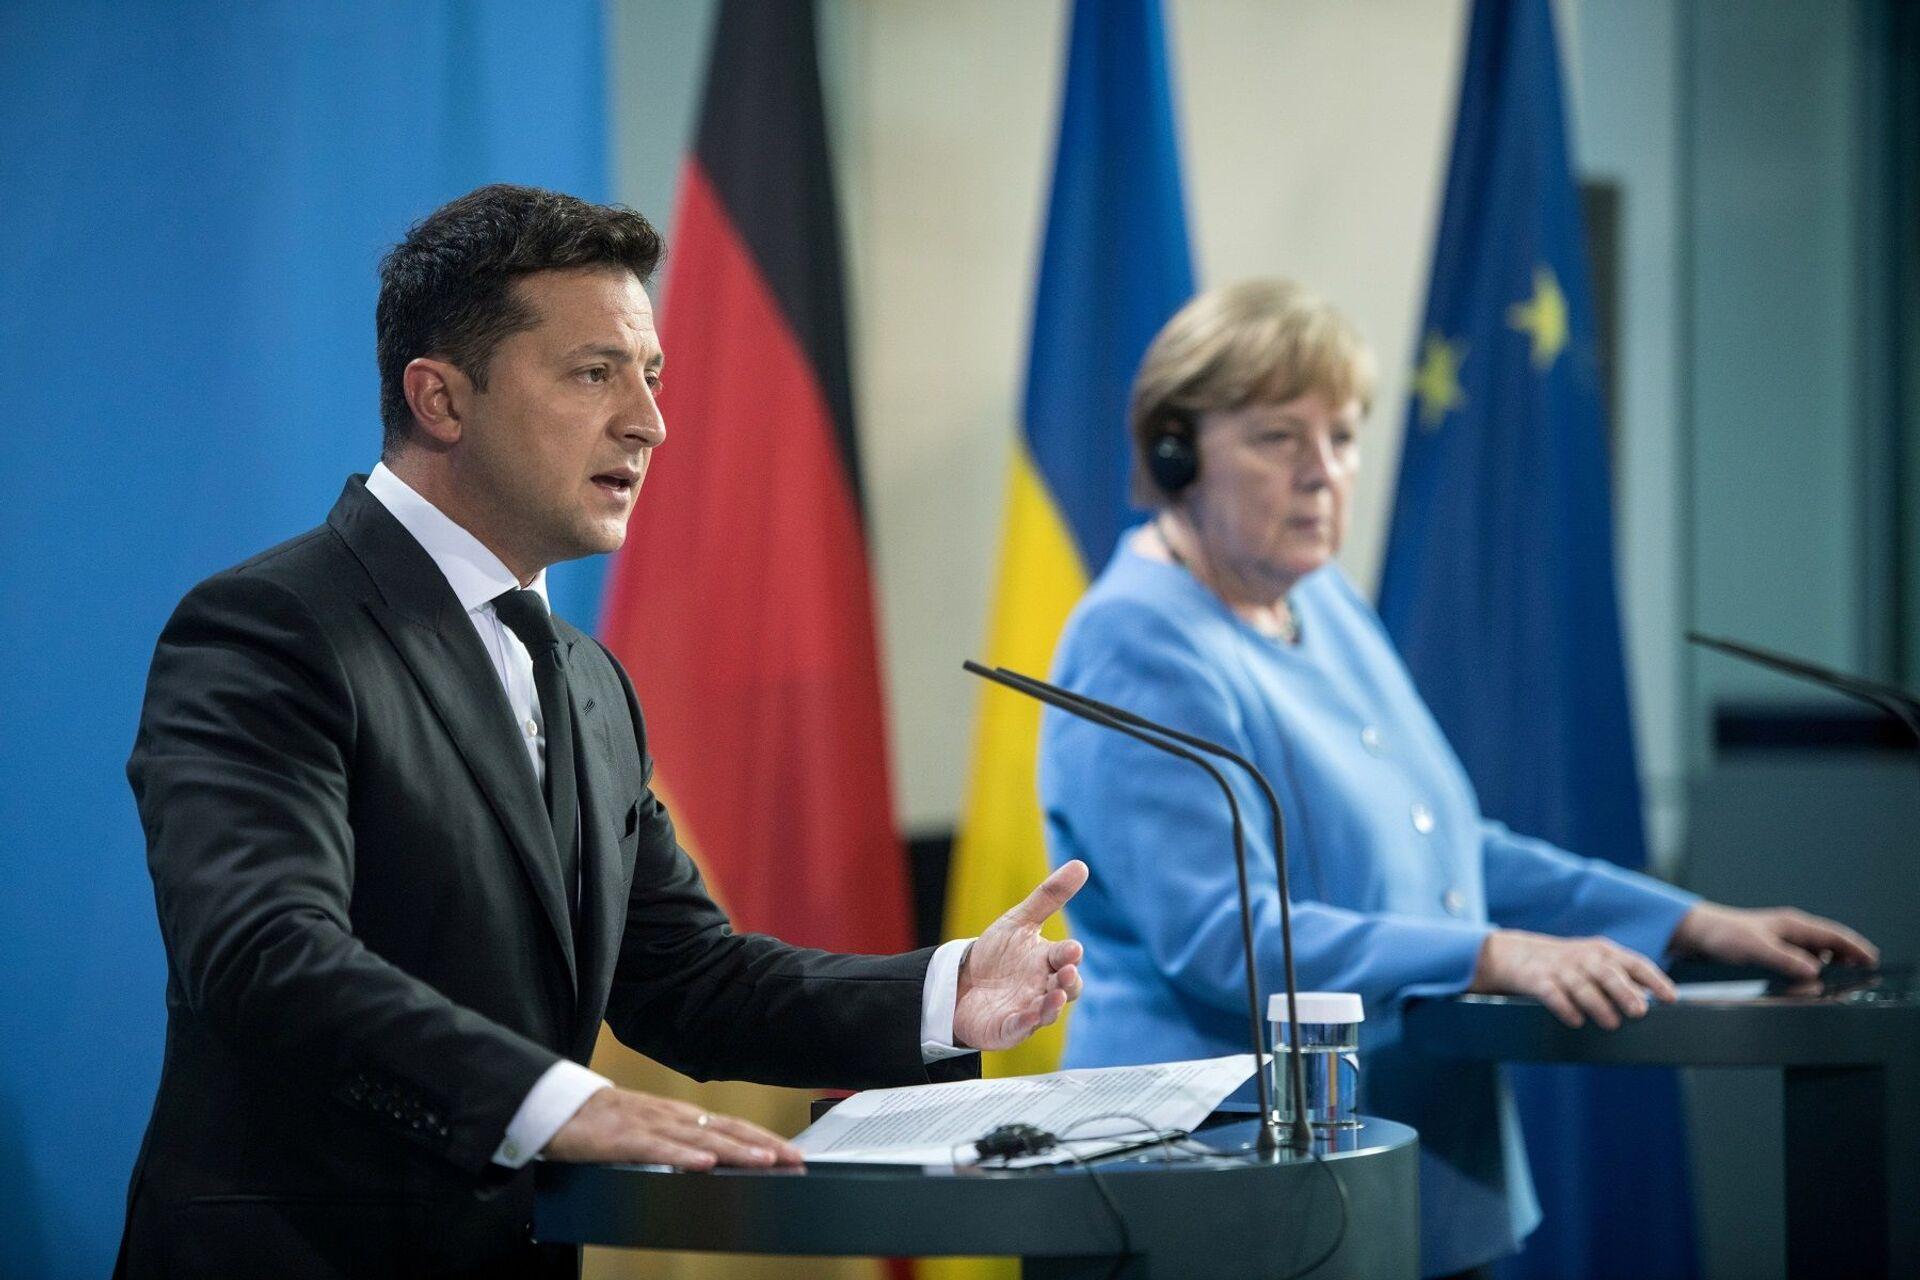 Almanya Başbakanı Angela Merkel, başkent Berlin'de, Ukrayna Devlet Başkanı Vladimir Zelenskiy ile yapacağı görüşme öncesinde ortak basın toplantısı düzenledi. - Sputnik Türkiye, 1920, 10.08.2021